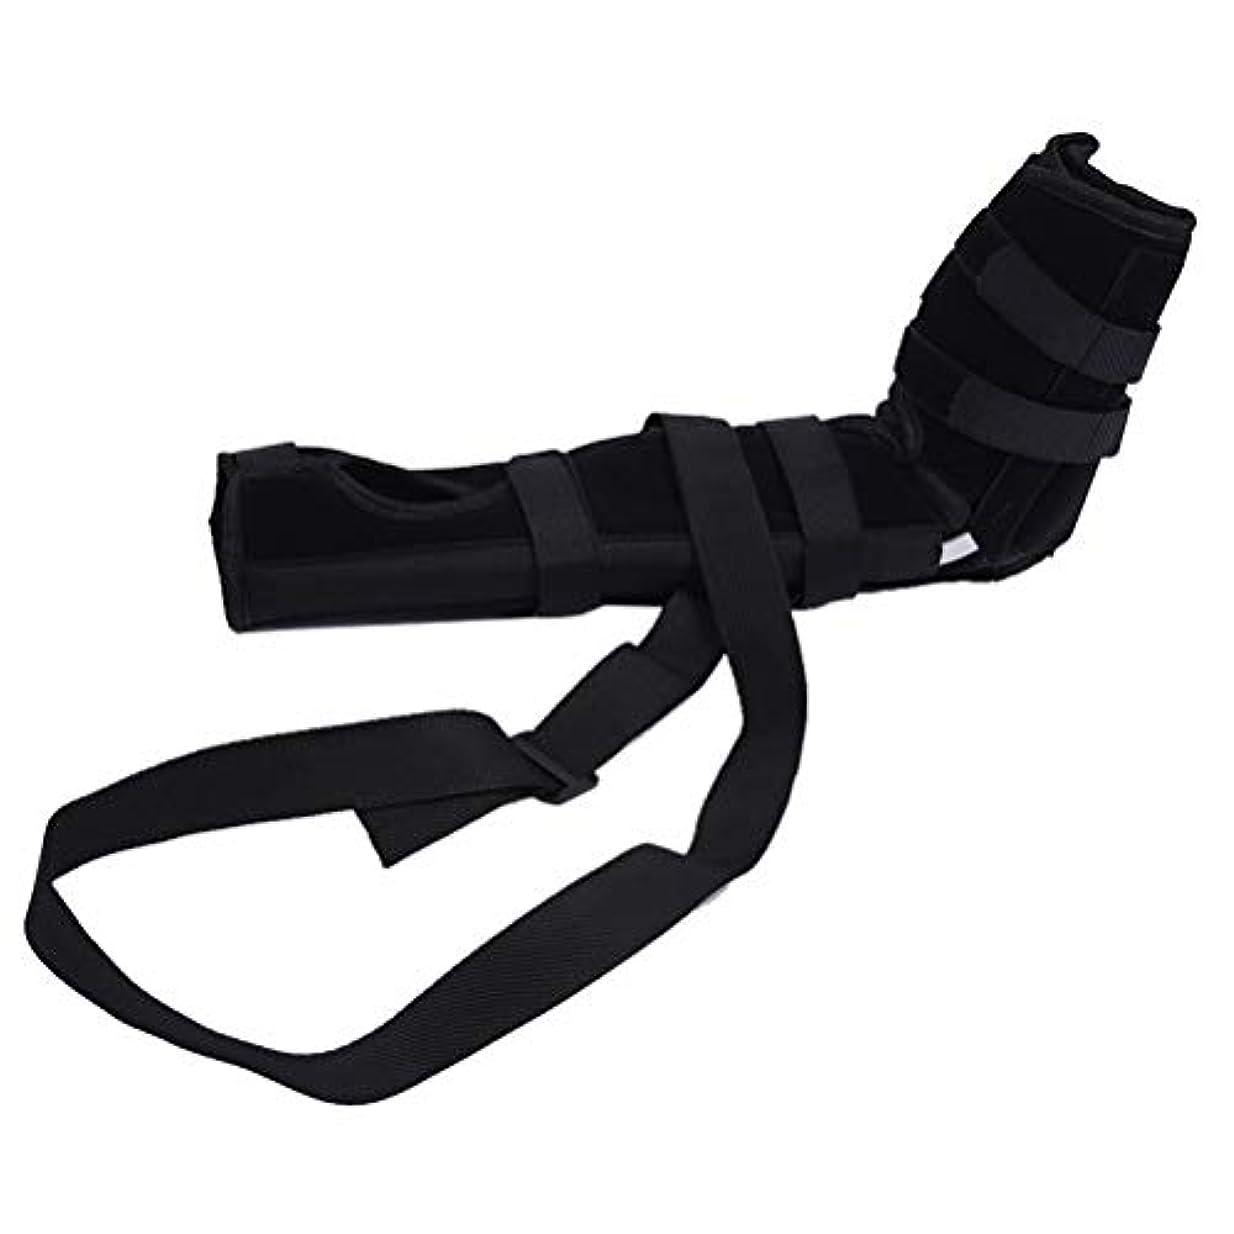 機知に富んだリンクペフSUPVOX 肘ブレース 関節サポート アームリーダー 保護 固定 腕つり 関節 保護 男女兼用 調節可能 通気性 術後ケアブレース(ブラック サイズL)